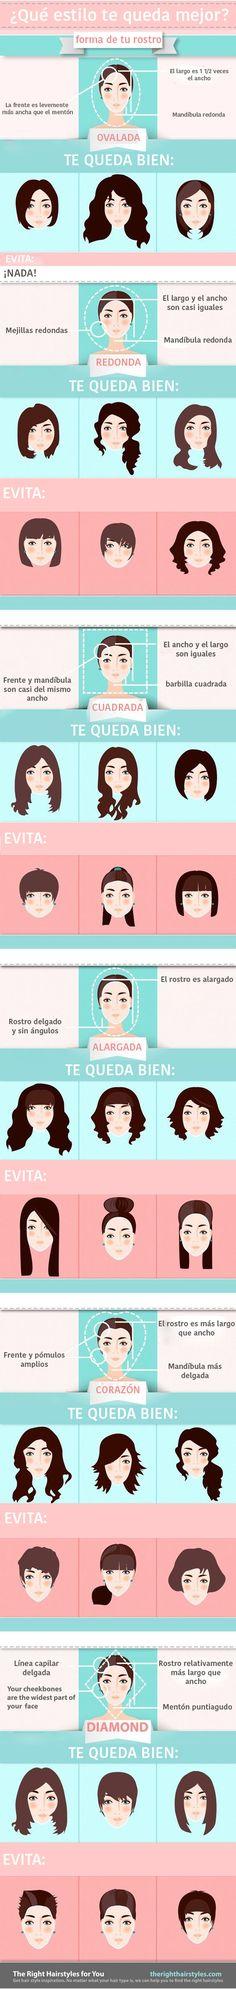 Descubre cual es el corte de cabello indicado según la forma de tu rostro